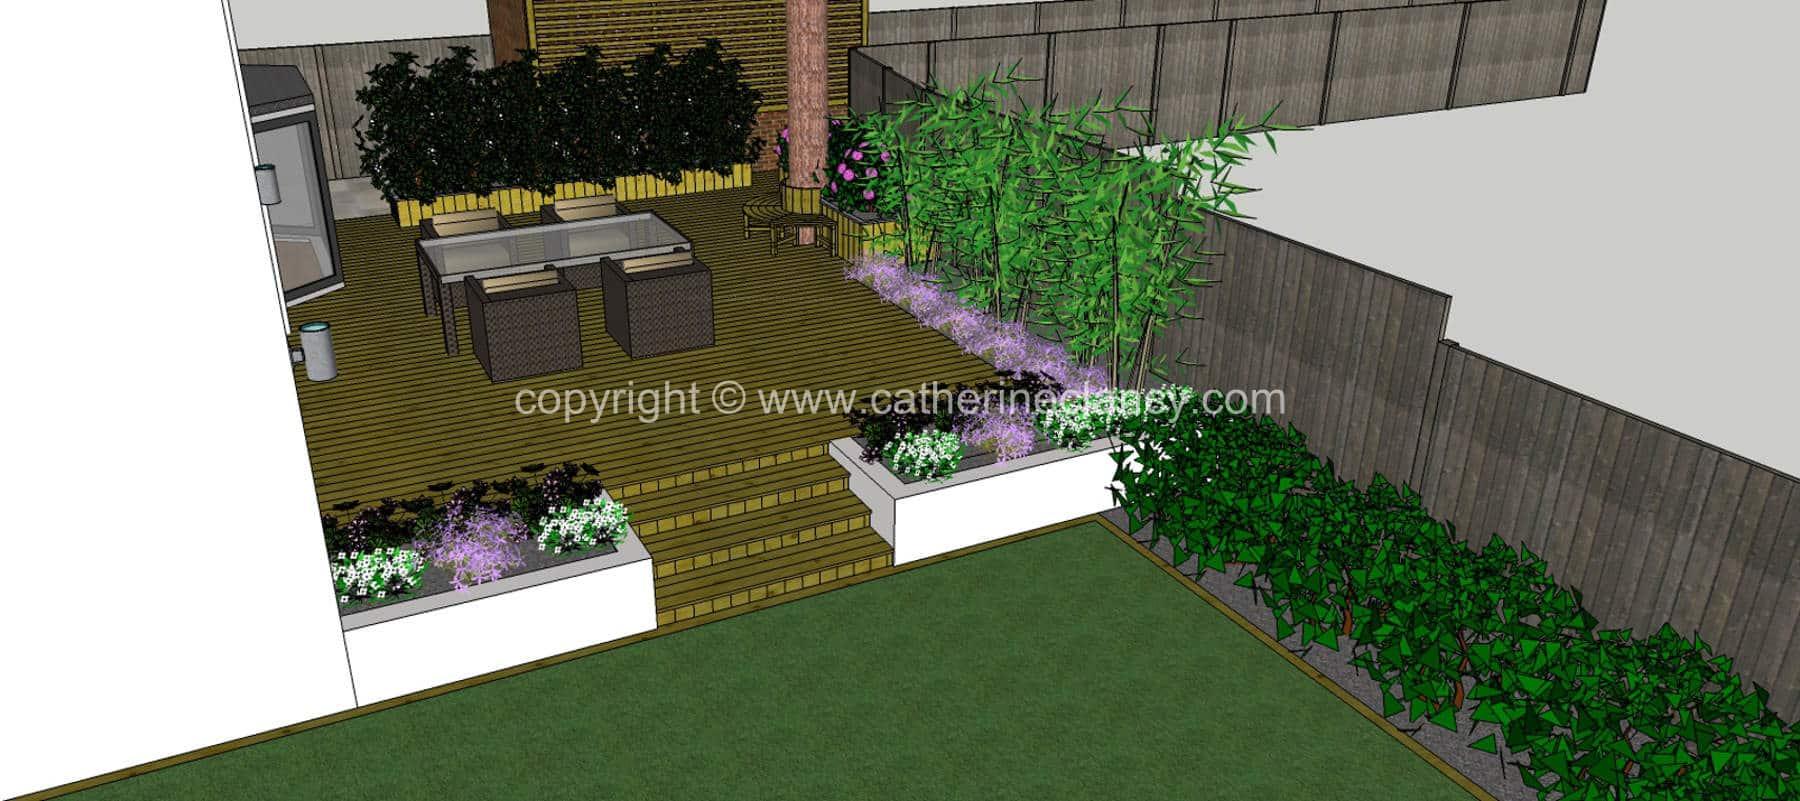 blackheath-deck-garden-7